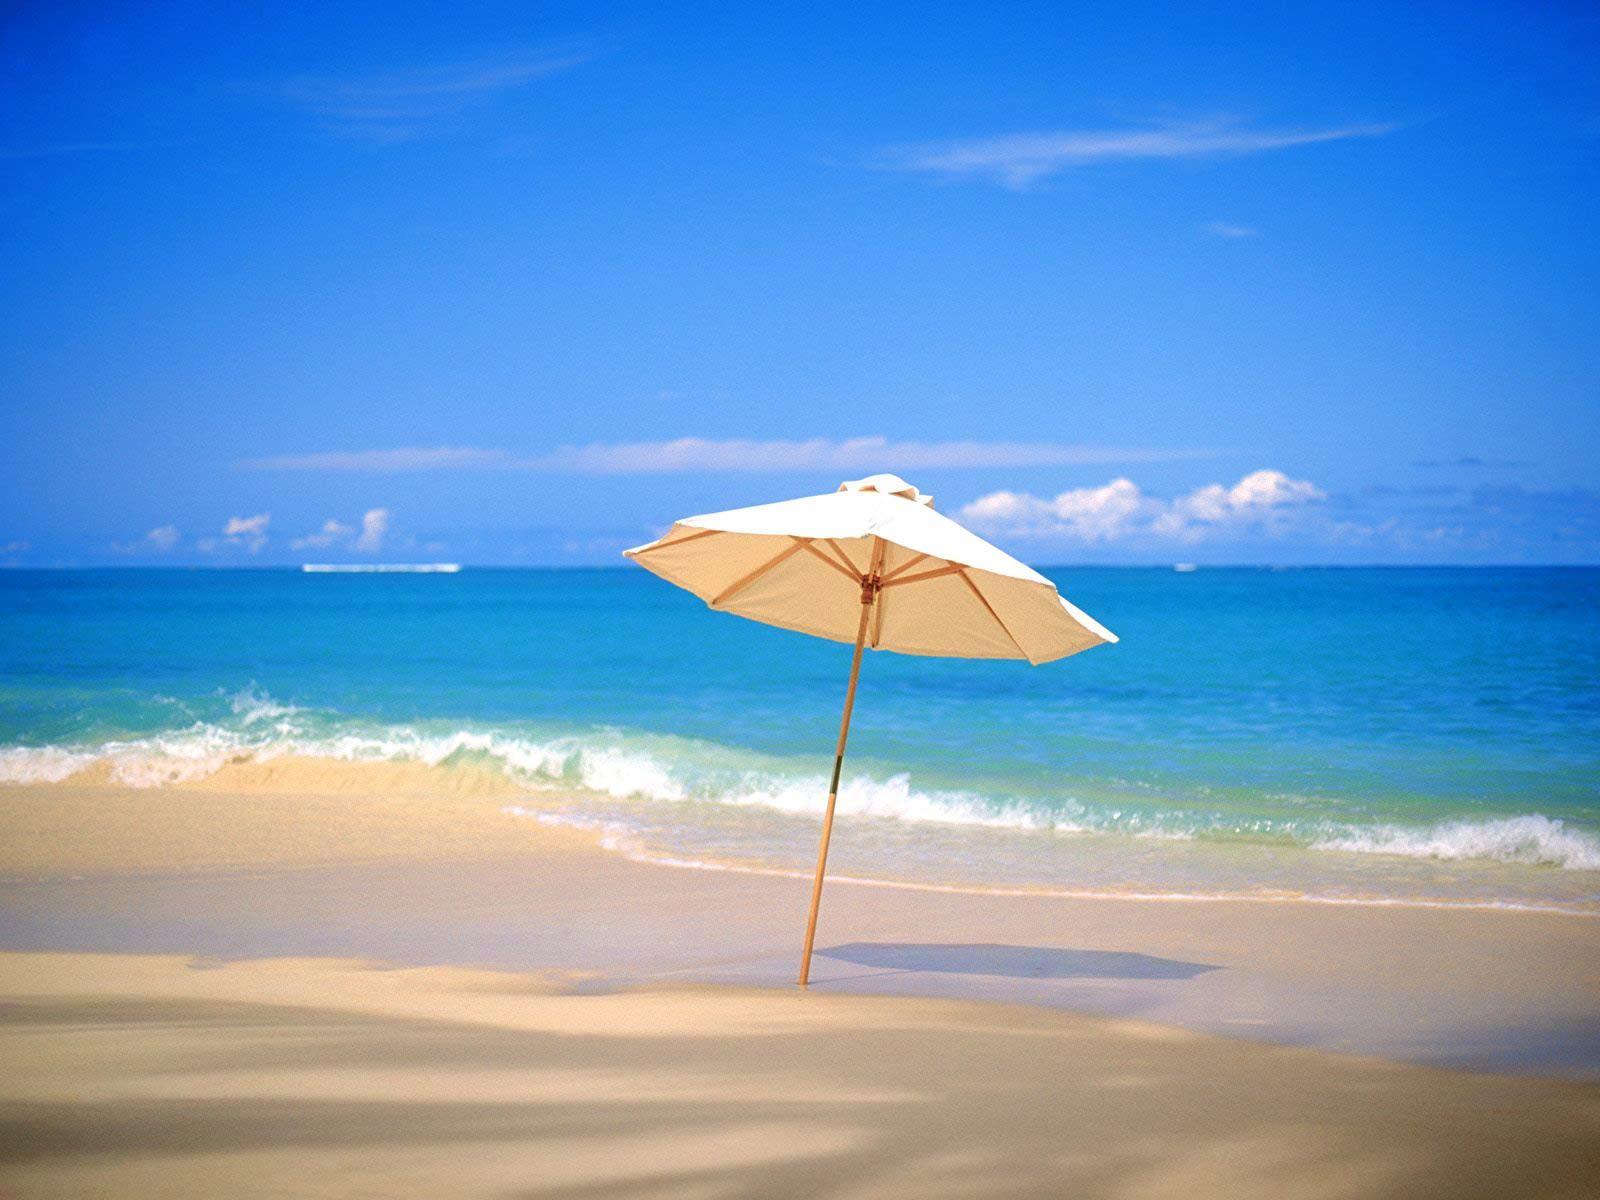 Ηλιος, θάλασσα και... ταπεράκια